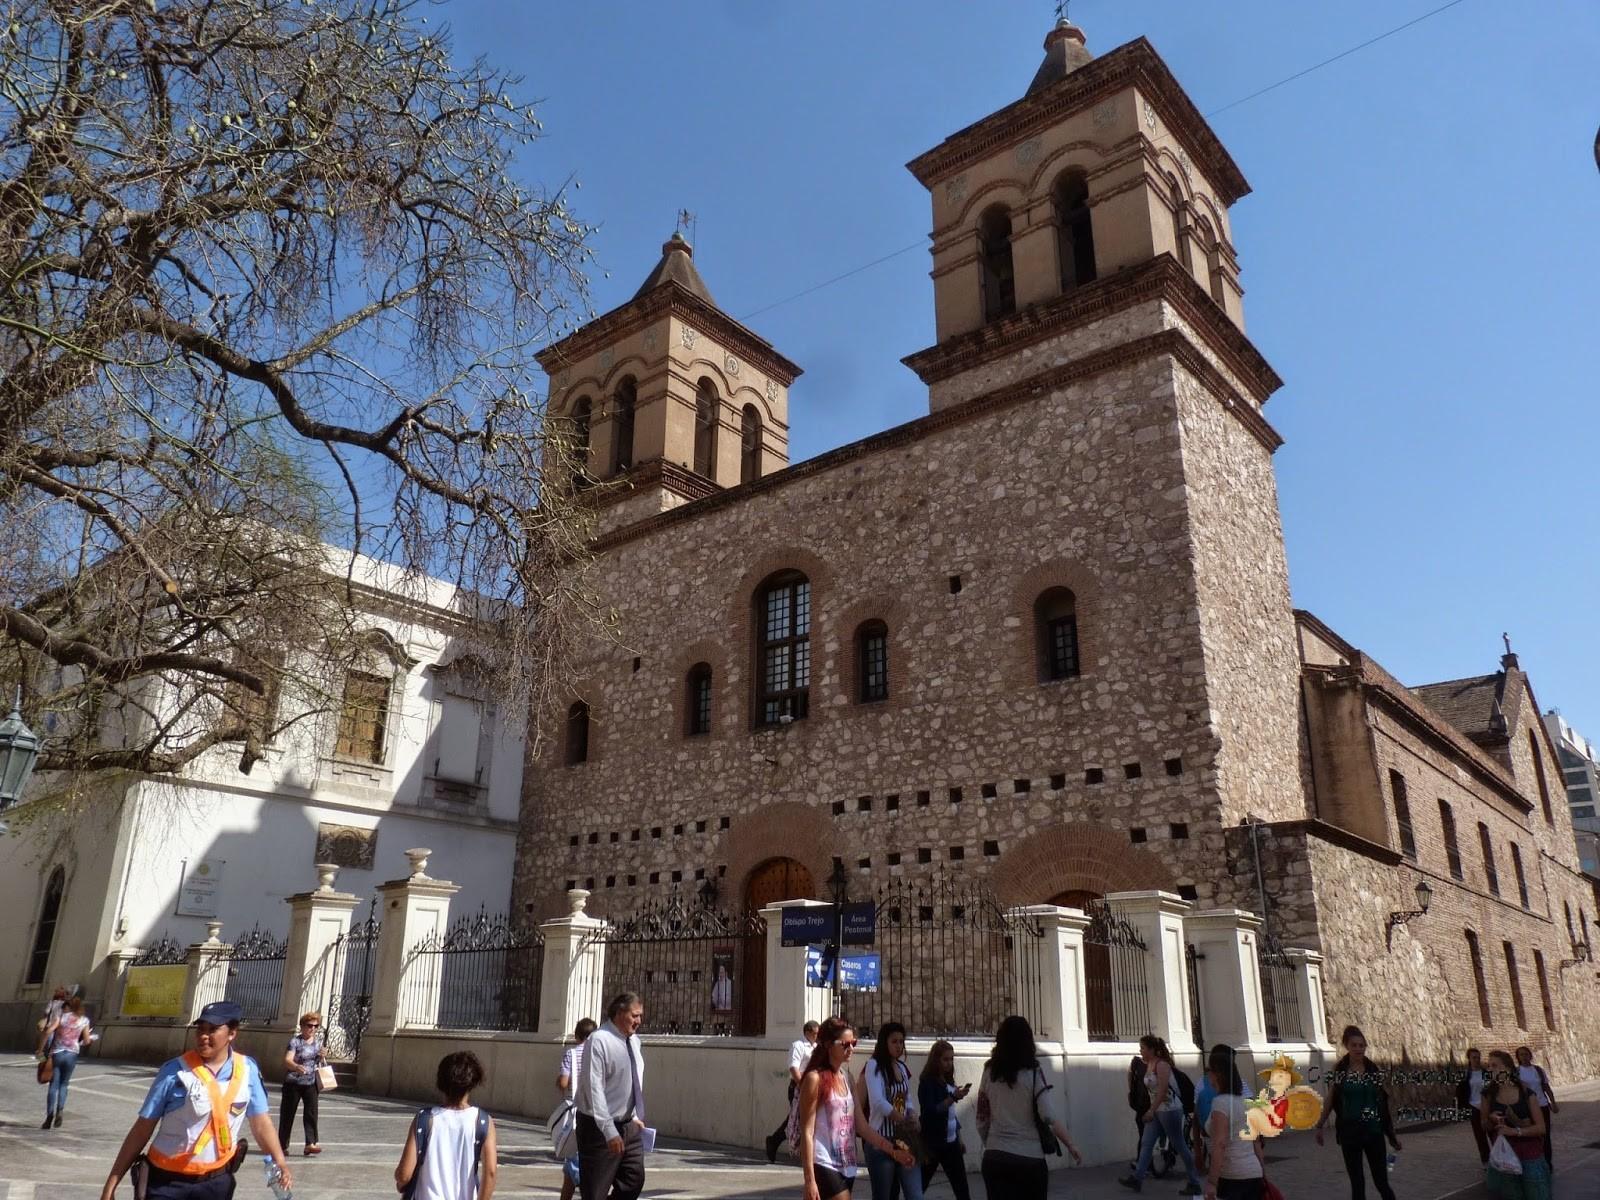 コルドバおすすめ観光スポット5選!植民地時代の面影を色濃く残す南米都市を満喫しよう